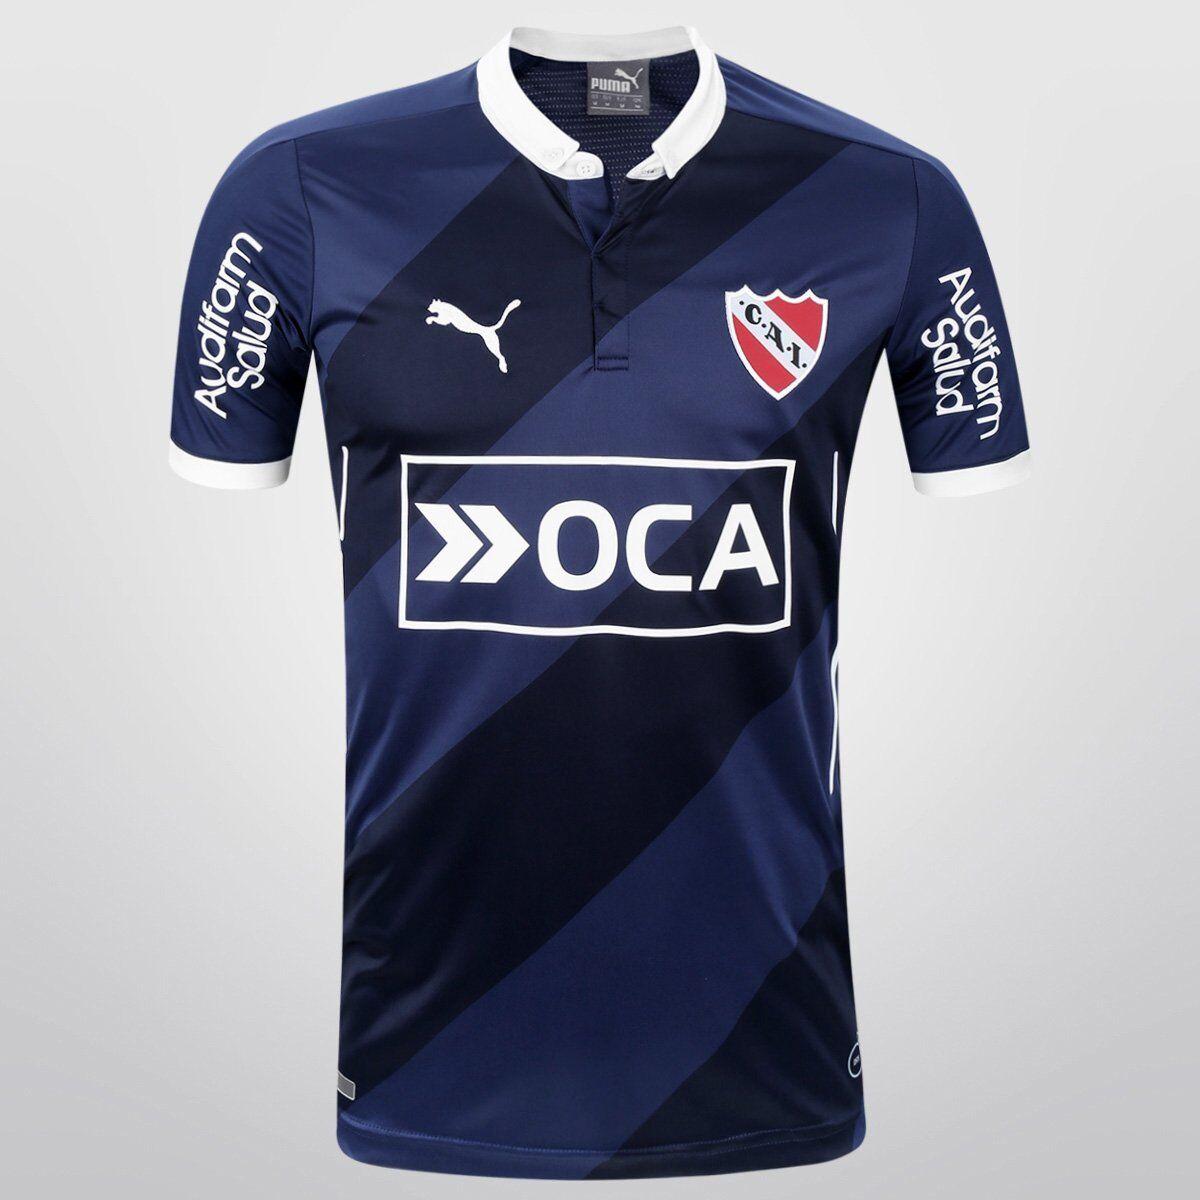 Camiseta Puma Independiente Alternativa 2016 - blue-Marino (DEPO)